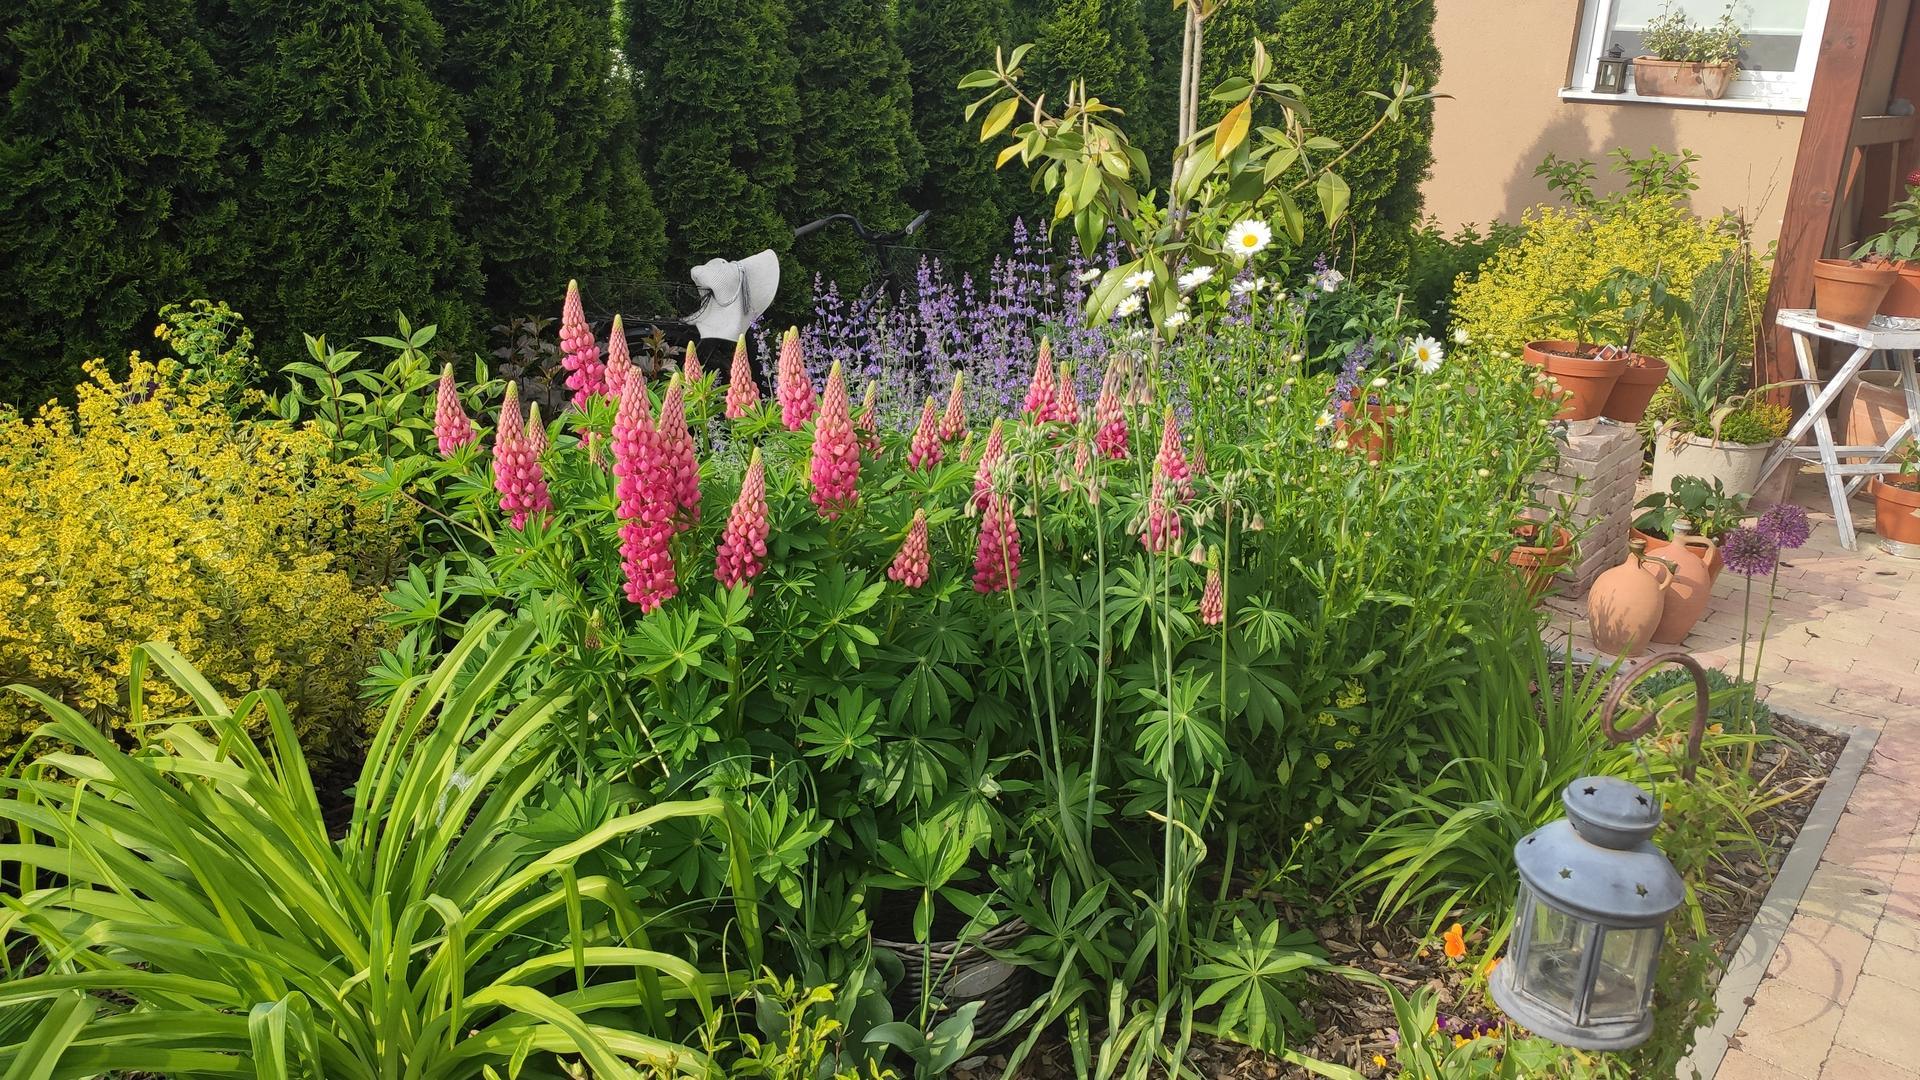 záhrada vidiecka, farebná rok 2021 - Obrázok č. 85